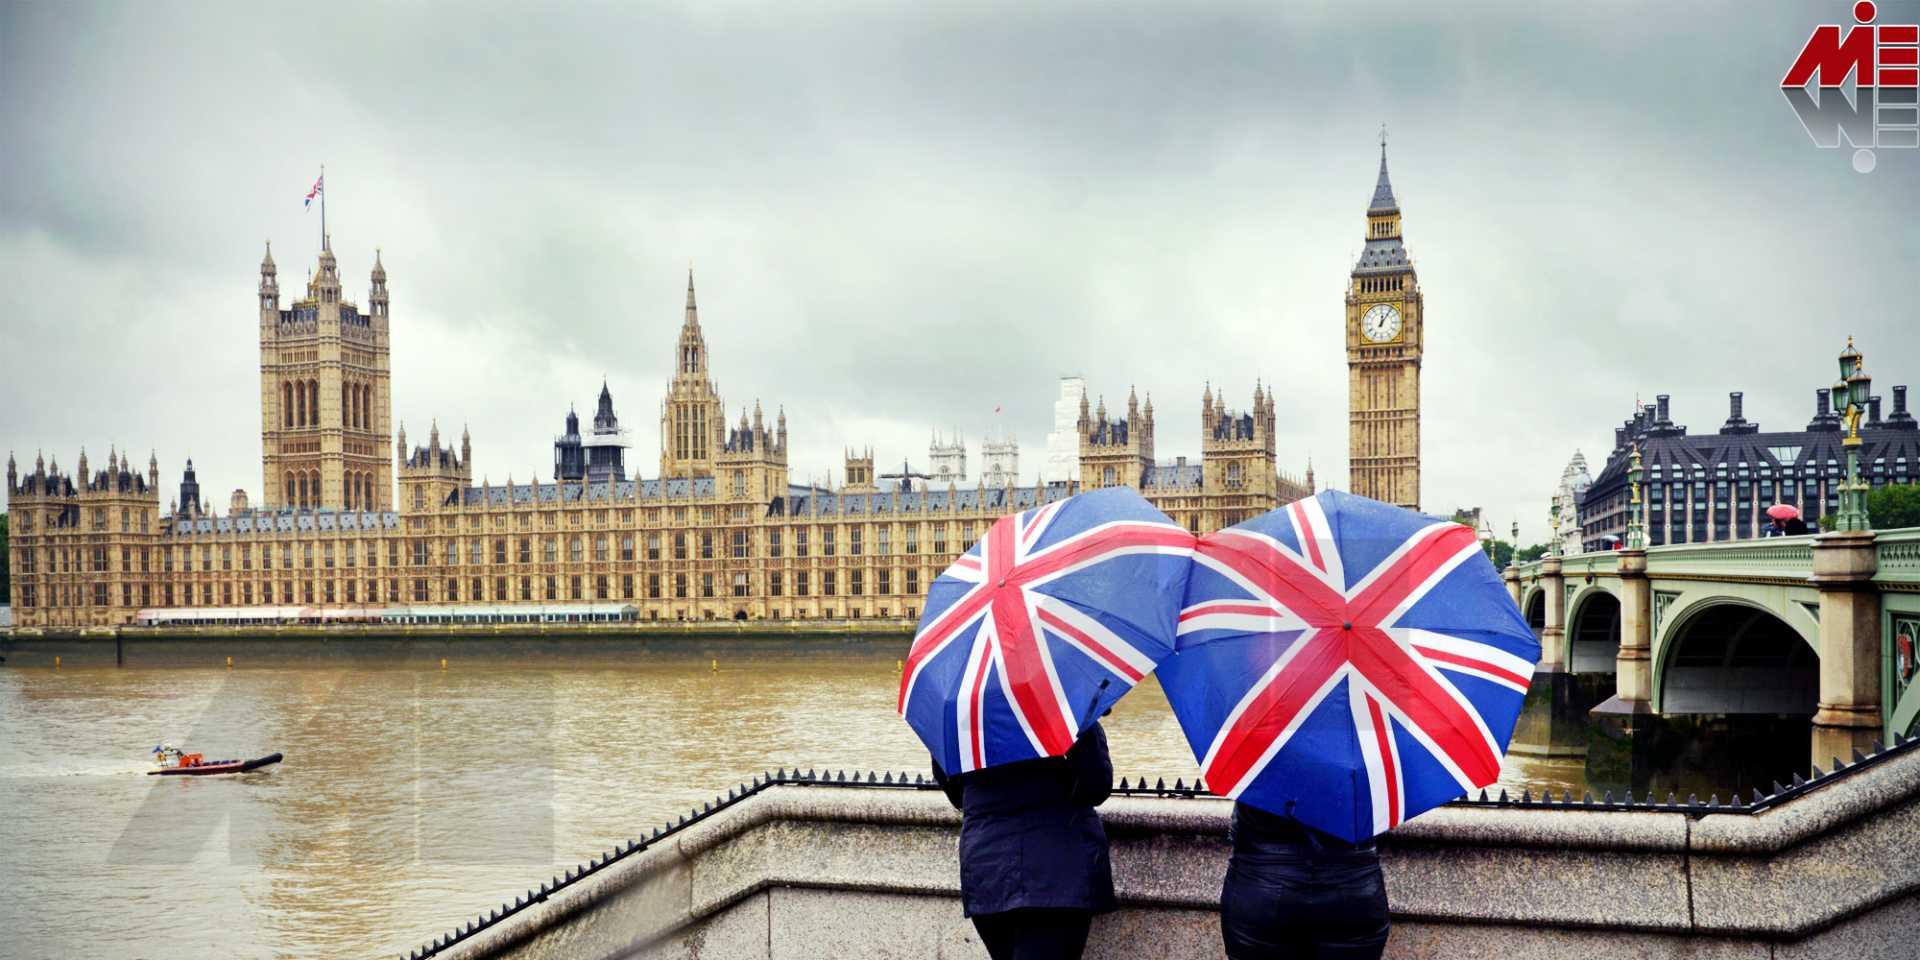 www.qatarairwaysholidays سرمایه گذاری در انگلستان